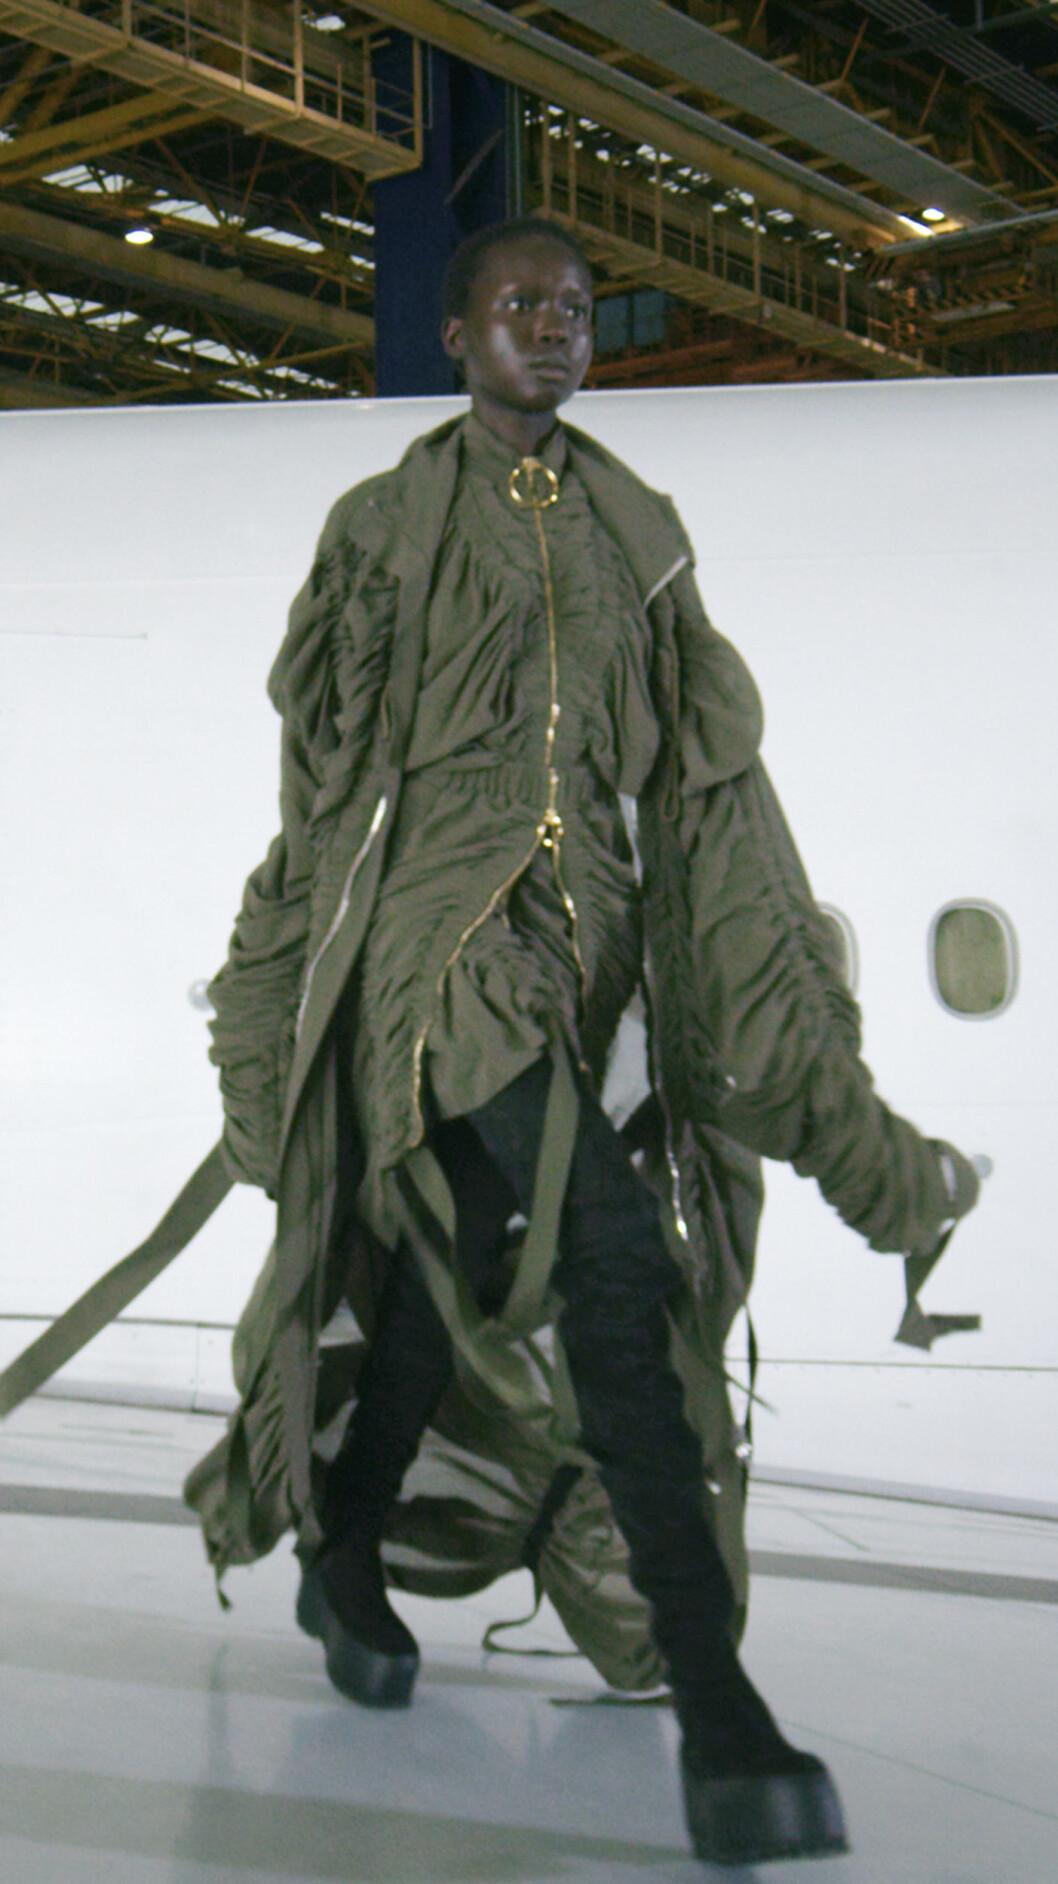 Armygrön jacka, Miltärjacka